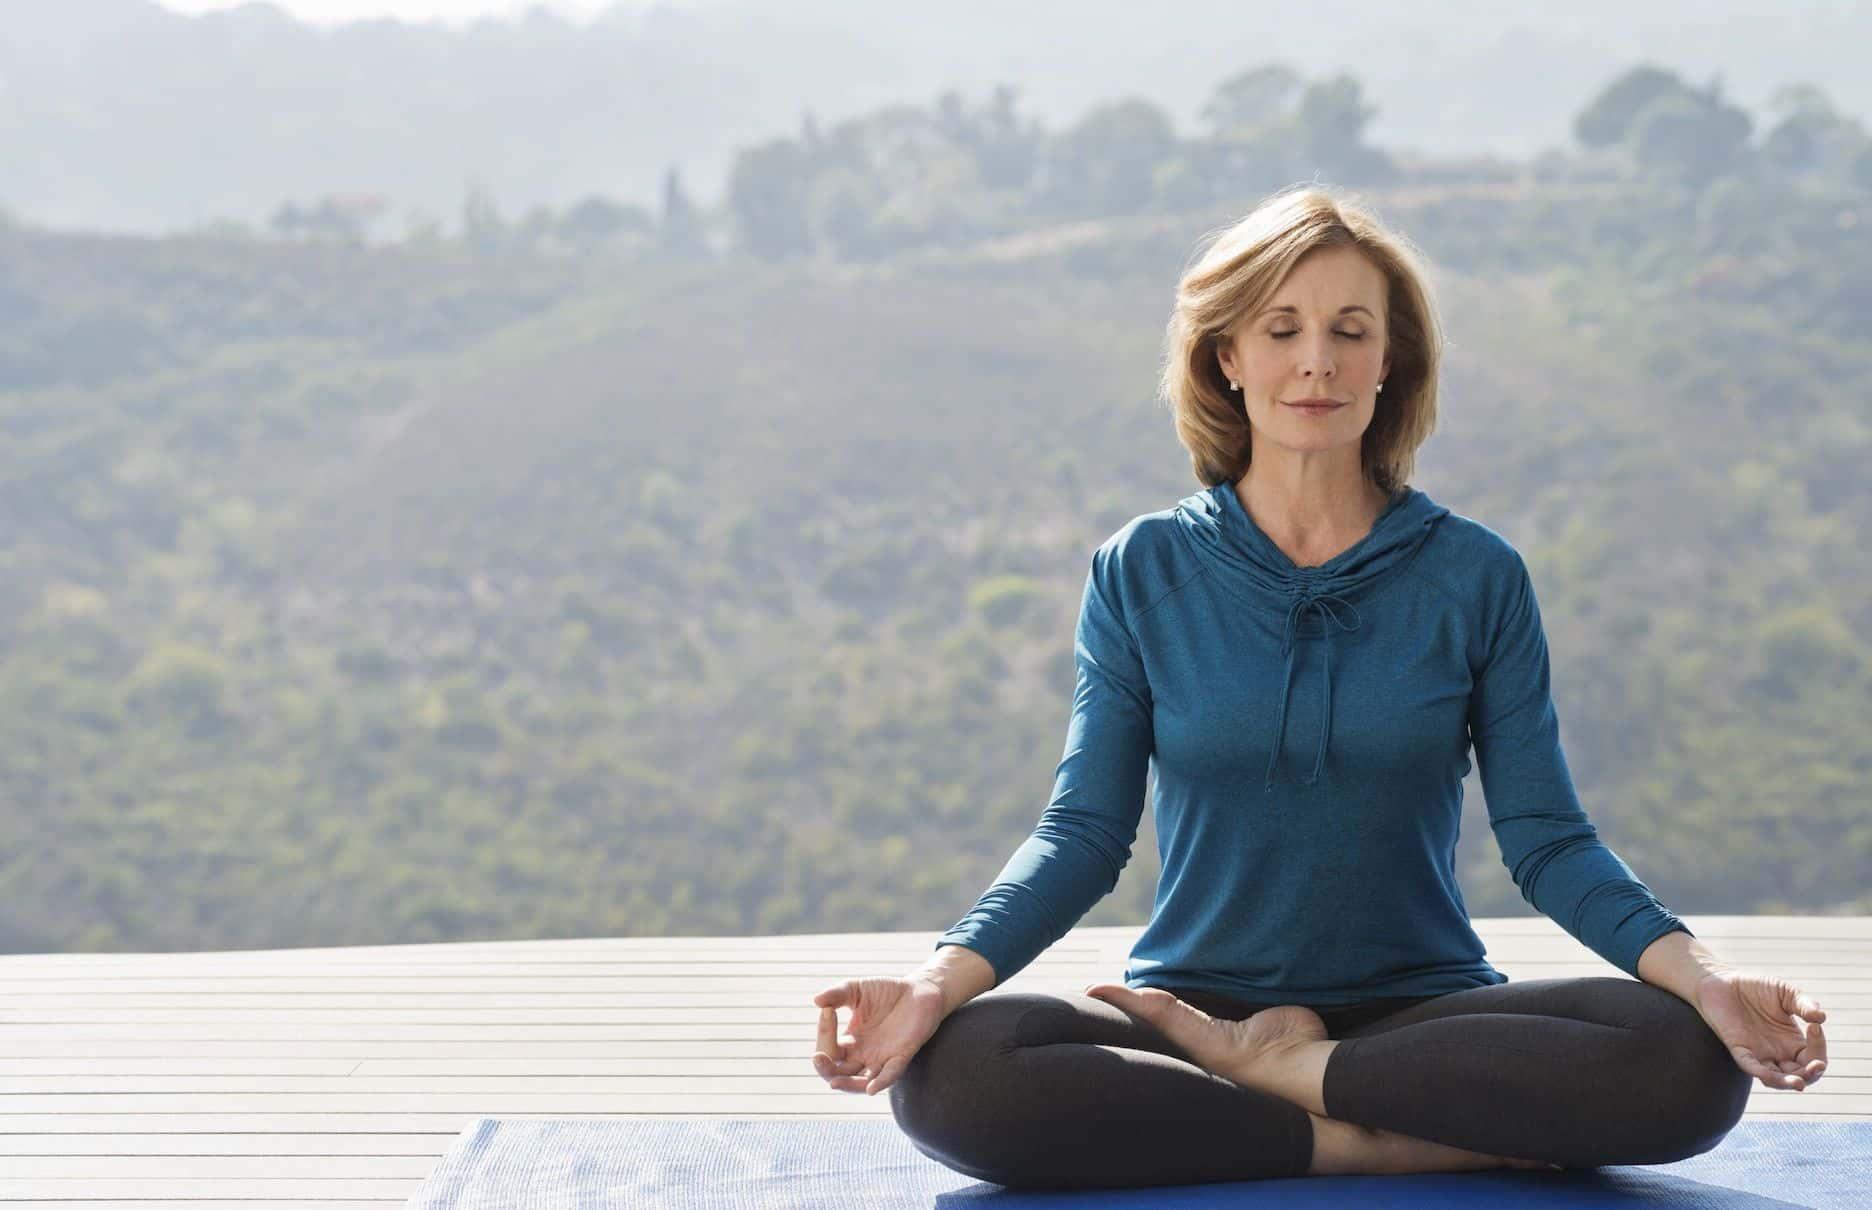 Meditação mindfulness: o que é, como funciona e quais os benefícios?